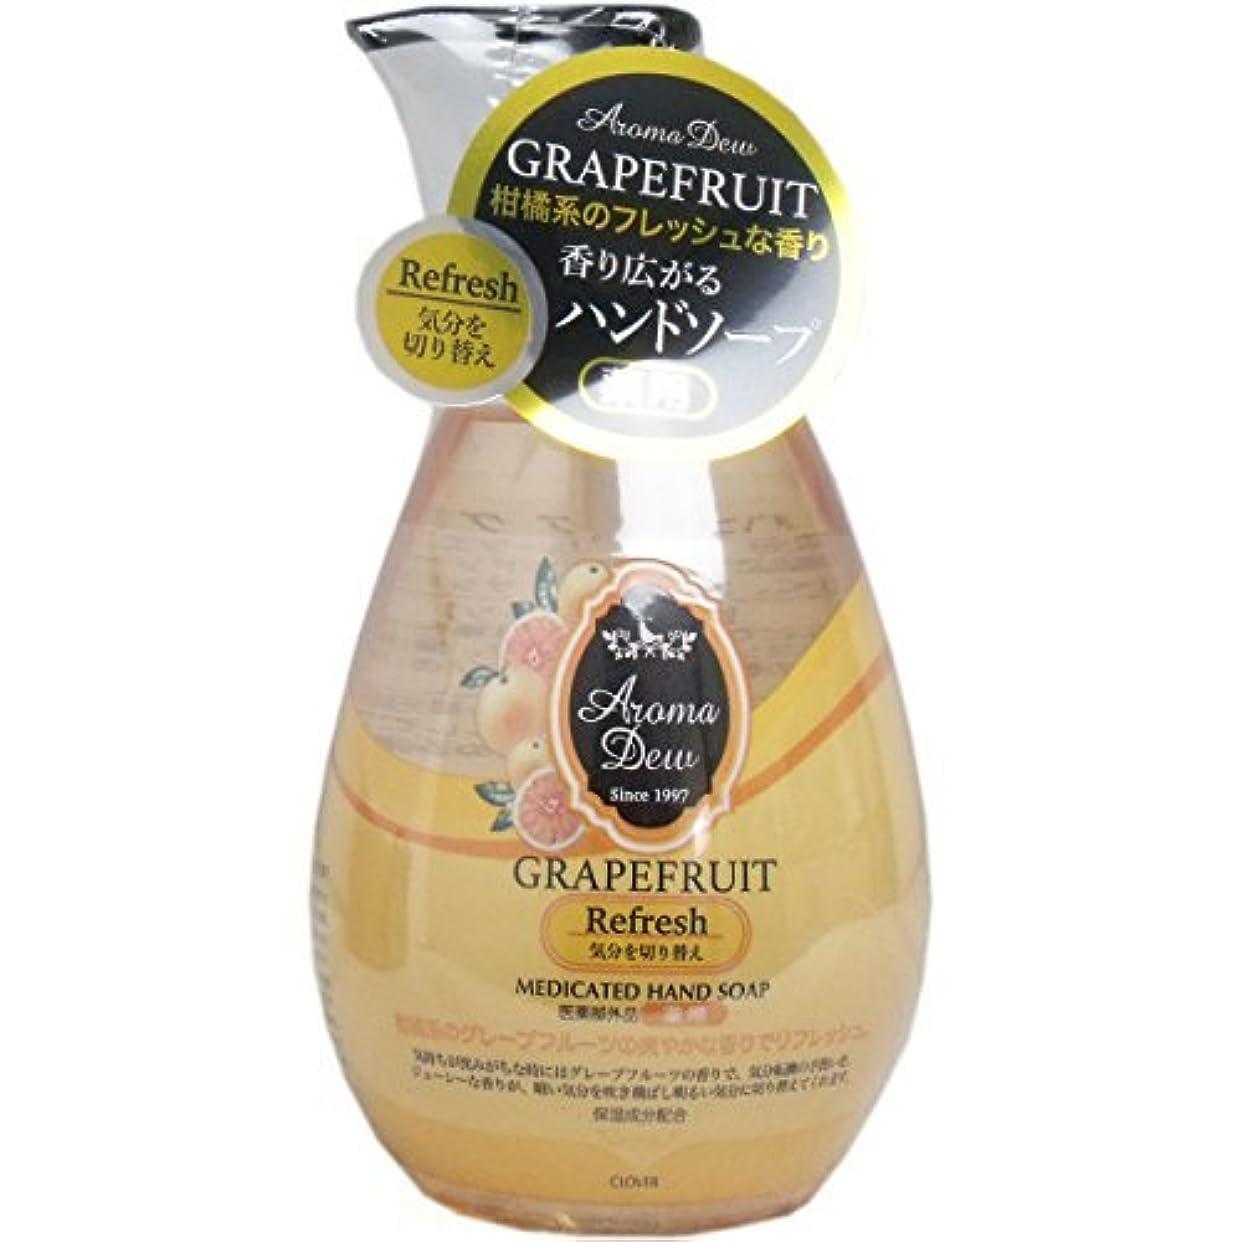 サンダース半島同行薬用アロマデュウ ハンドソープ グレープフルーツの香り 260mL